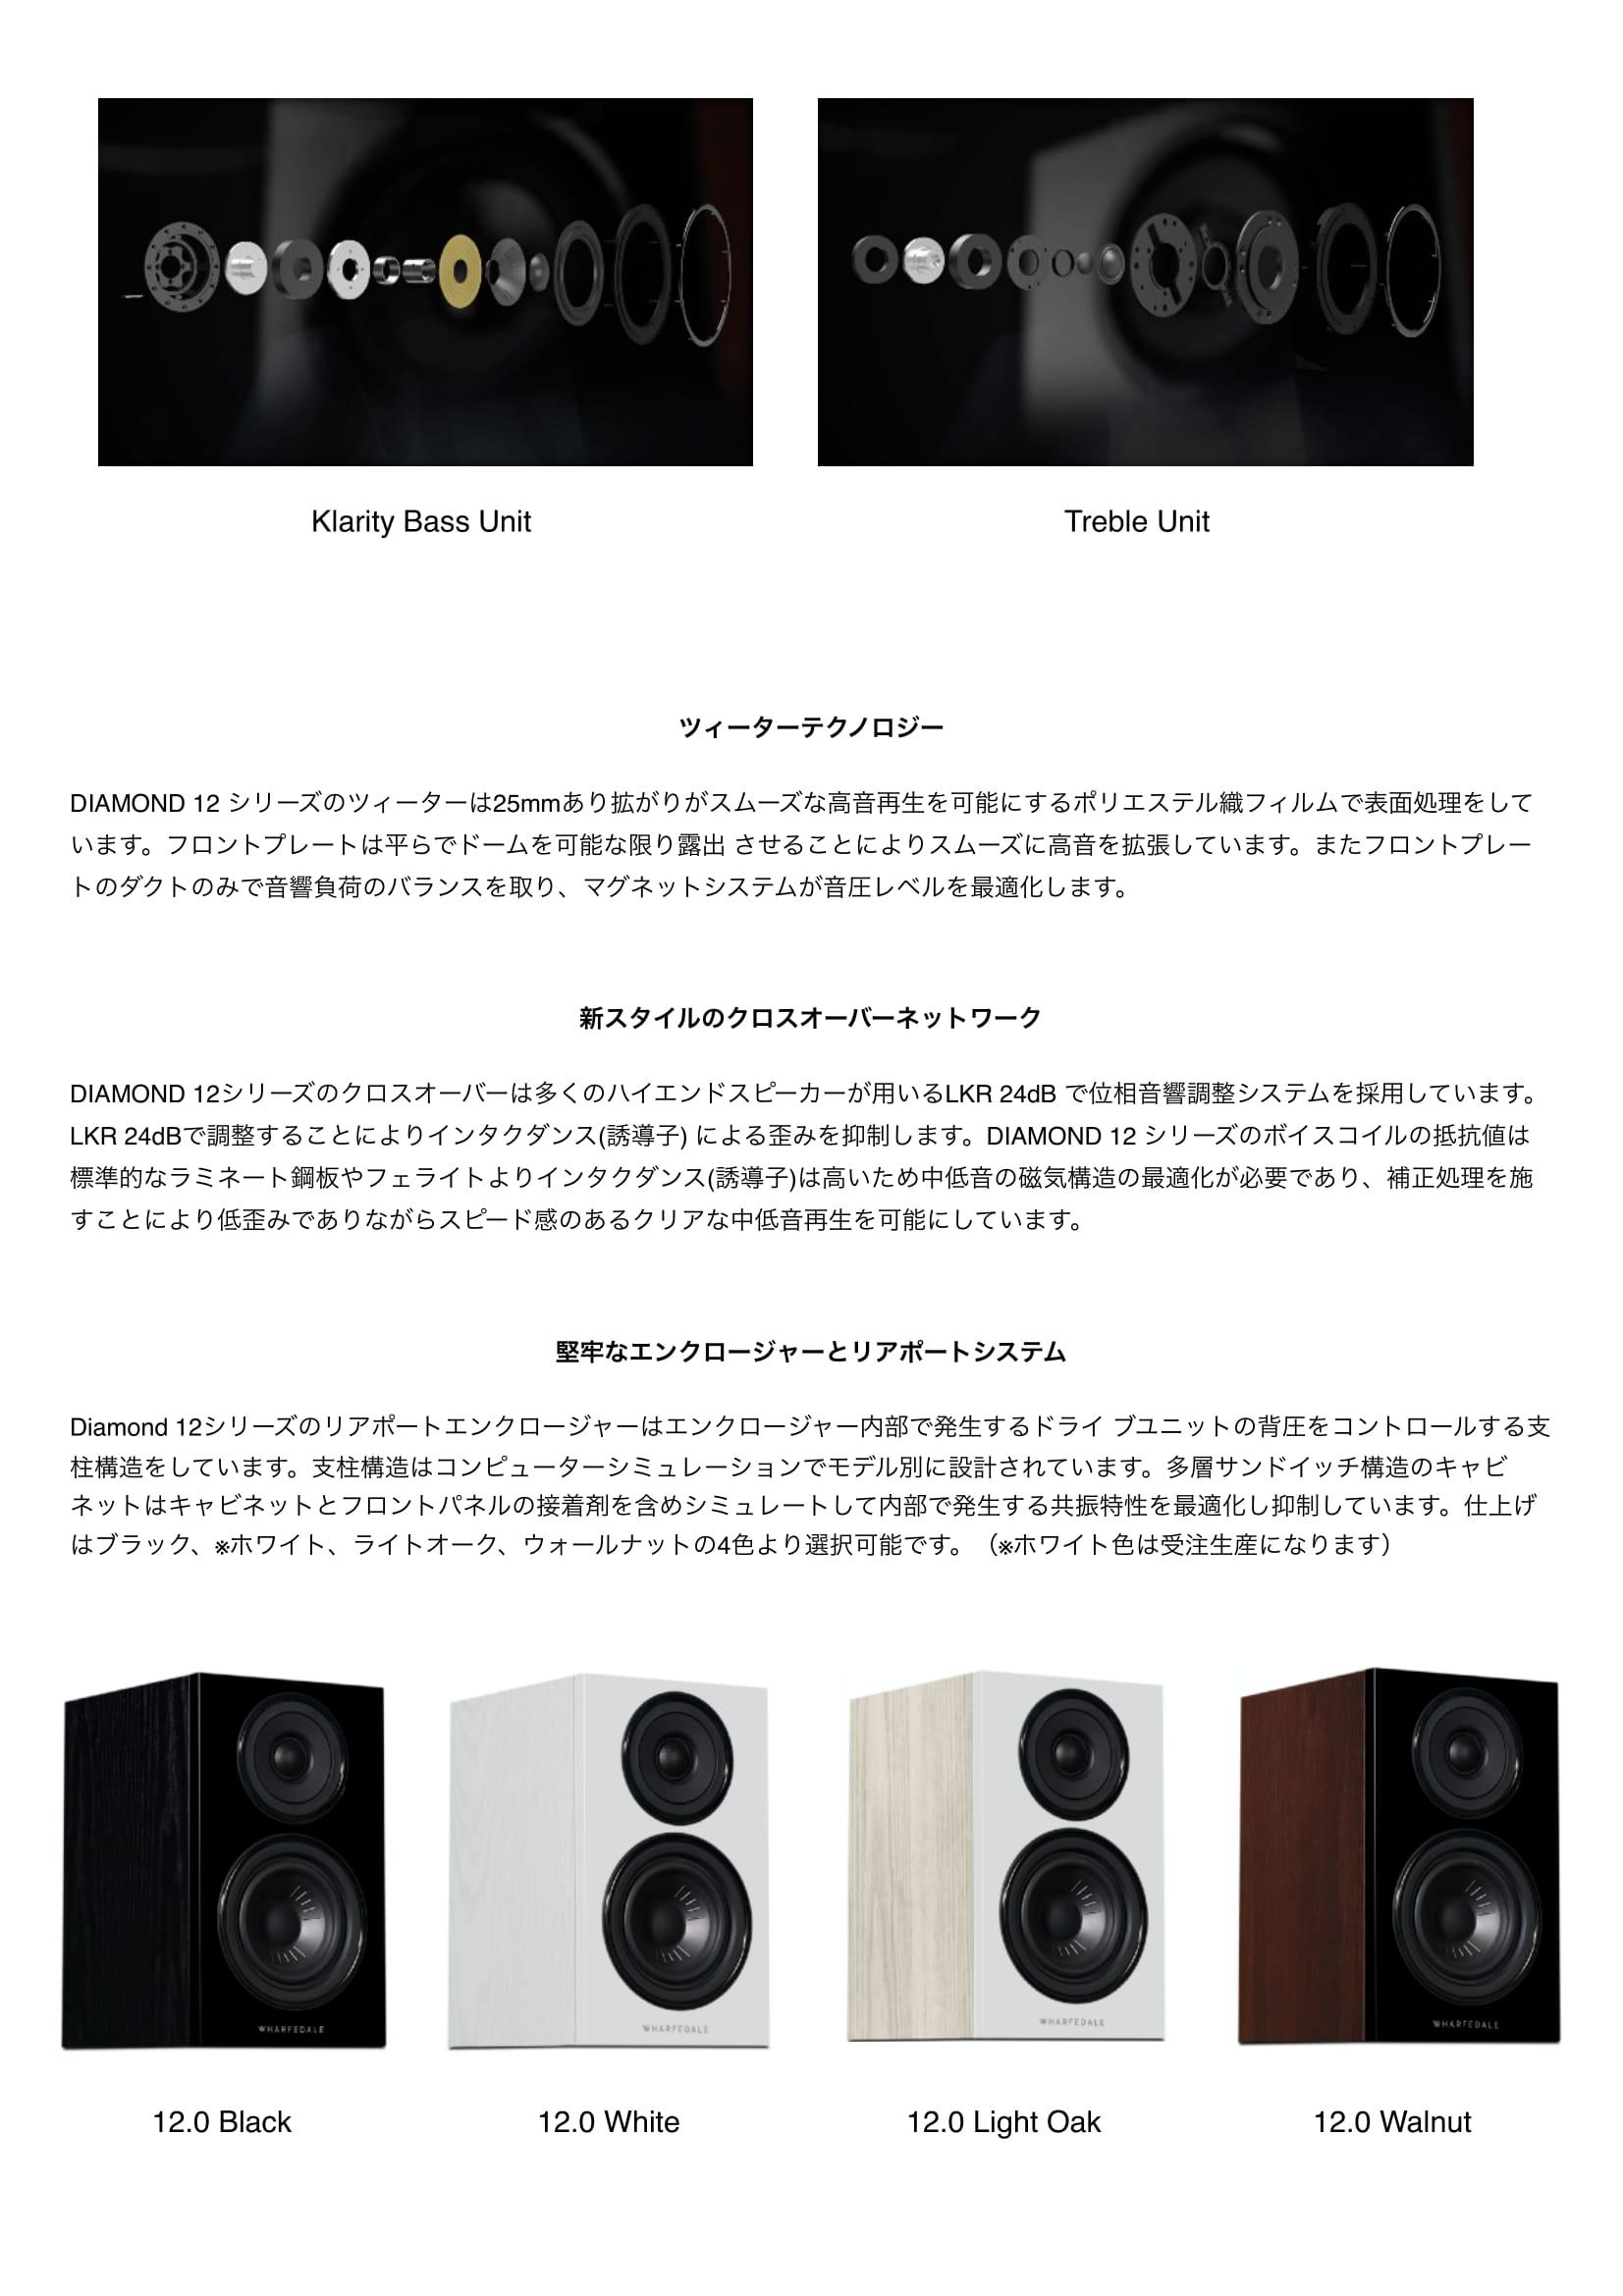 Diamond12カタログ(最新)(1ページ〜4ページ) のコピー (1)-3